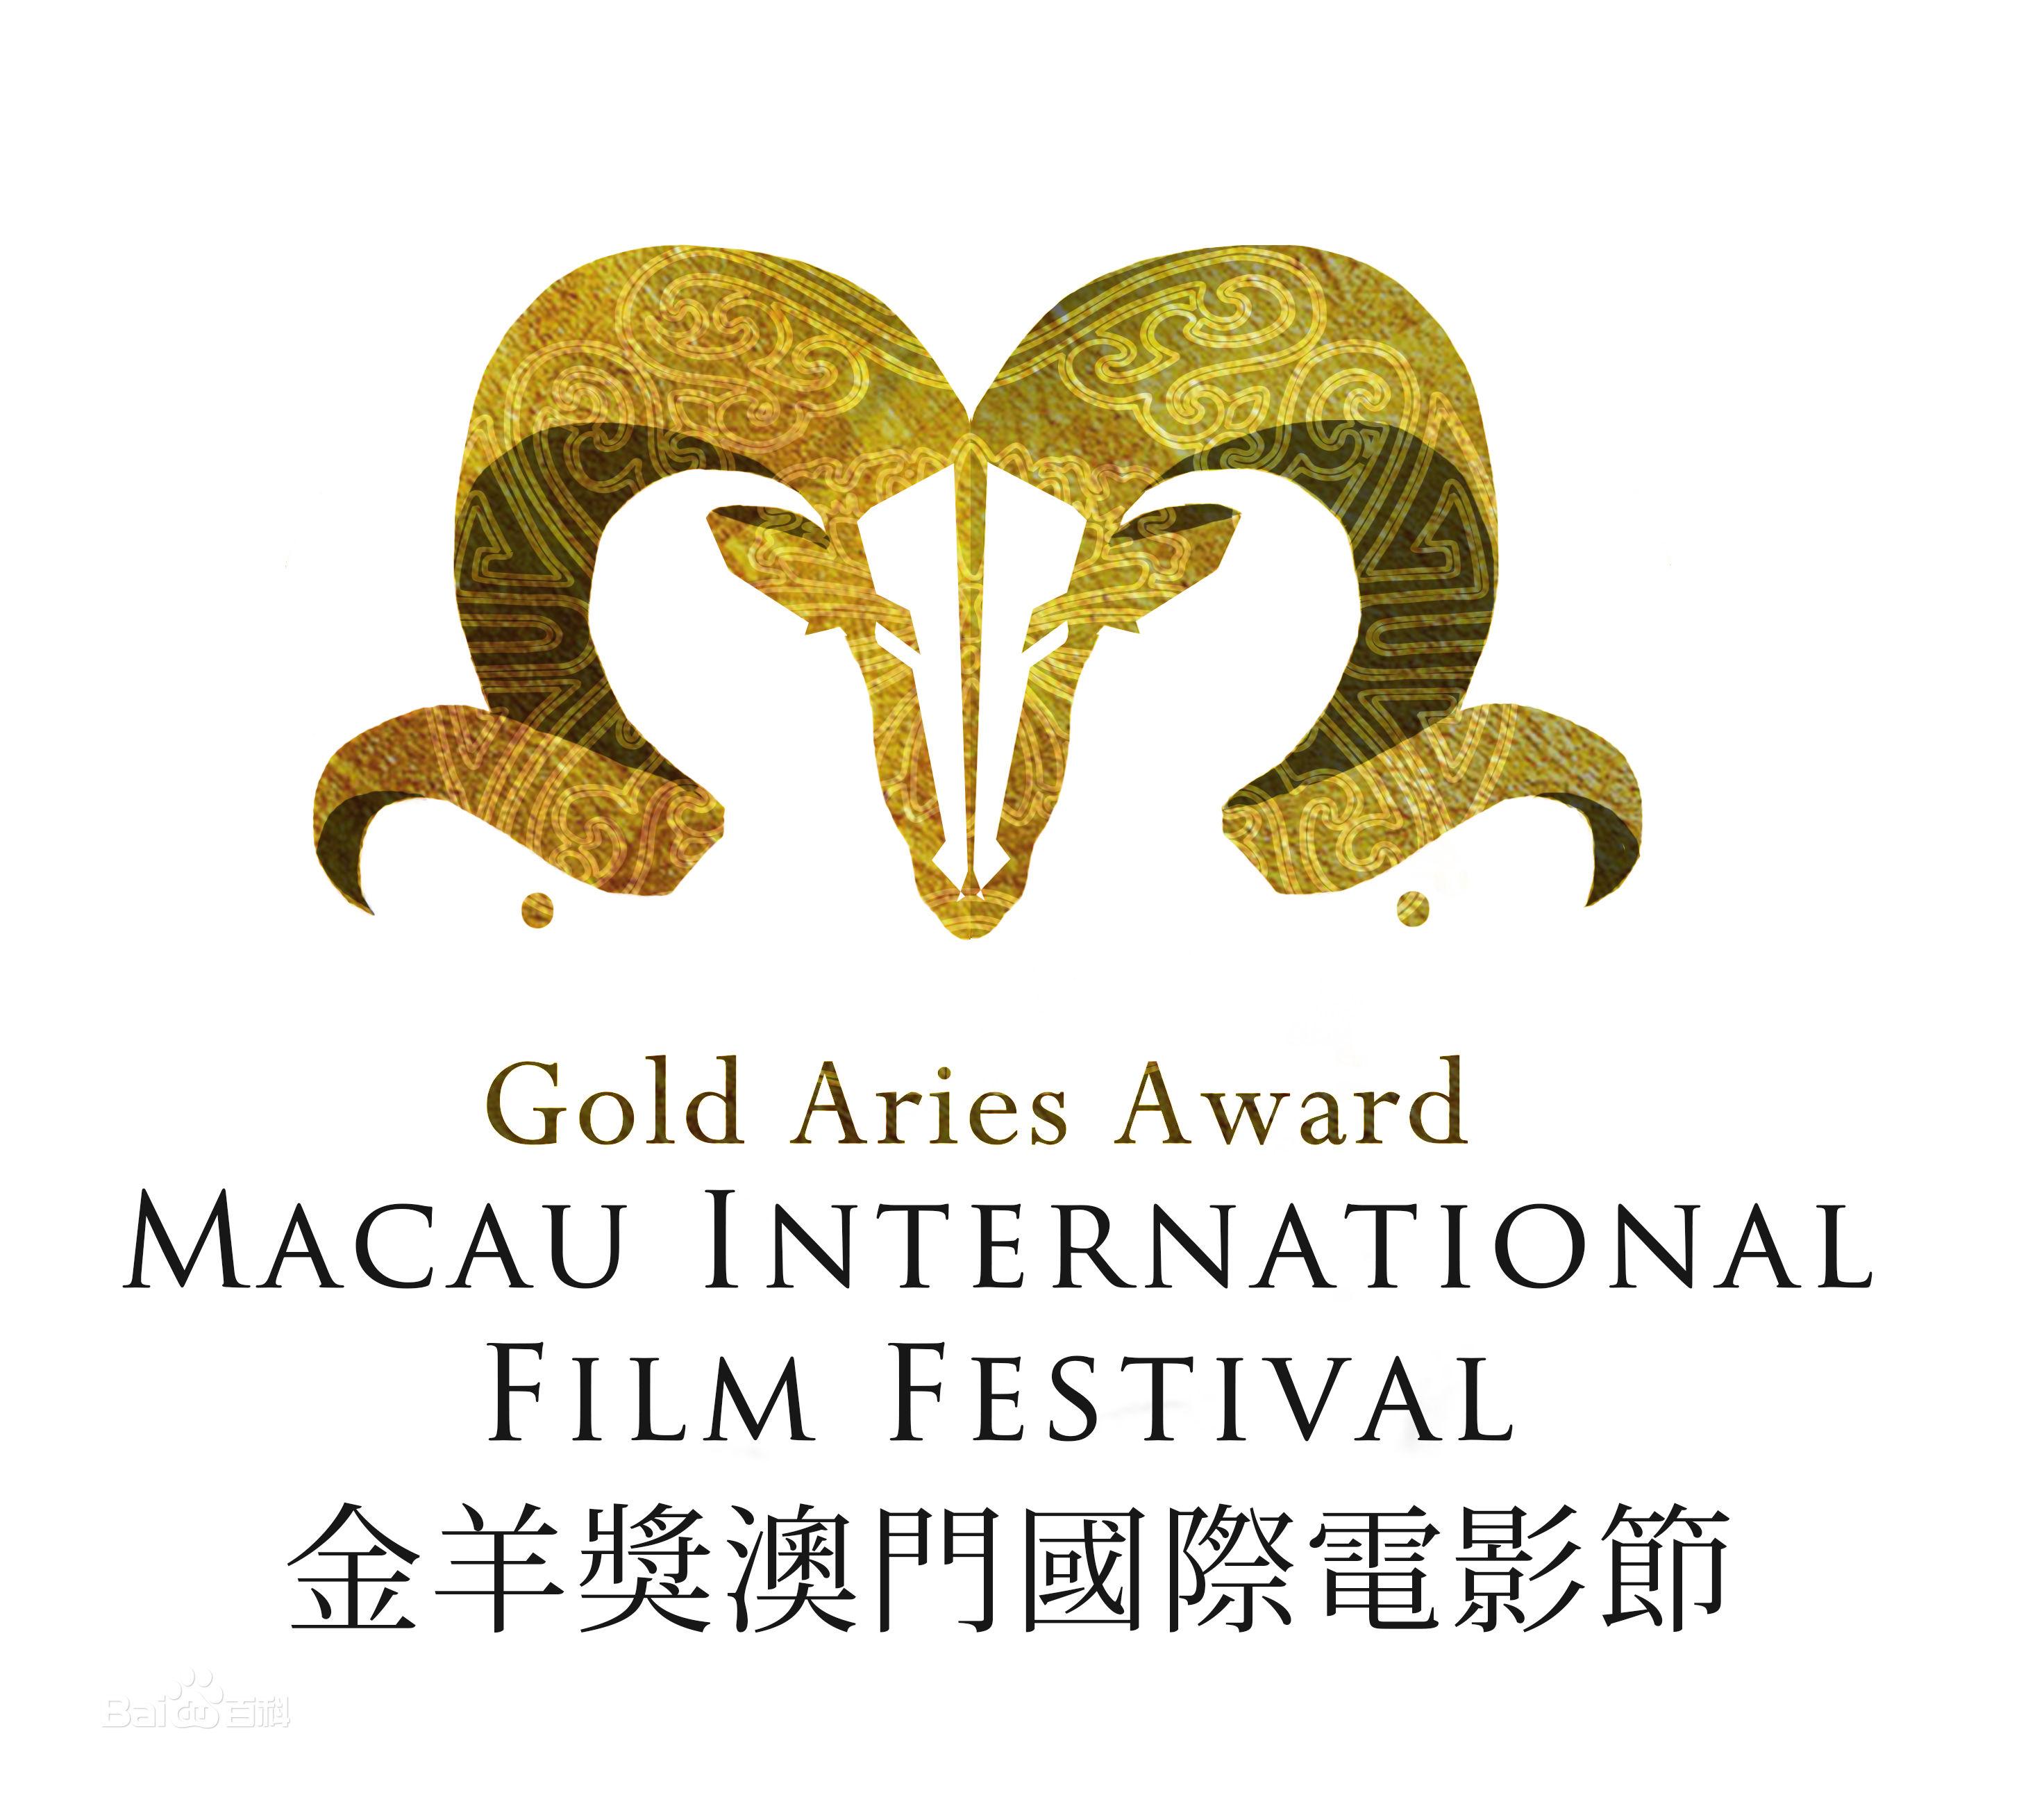 金羊奖澳门国际电影节